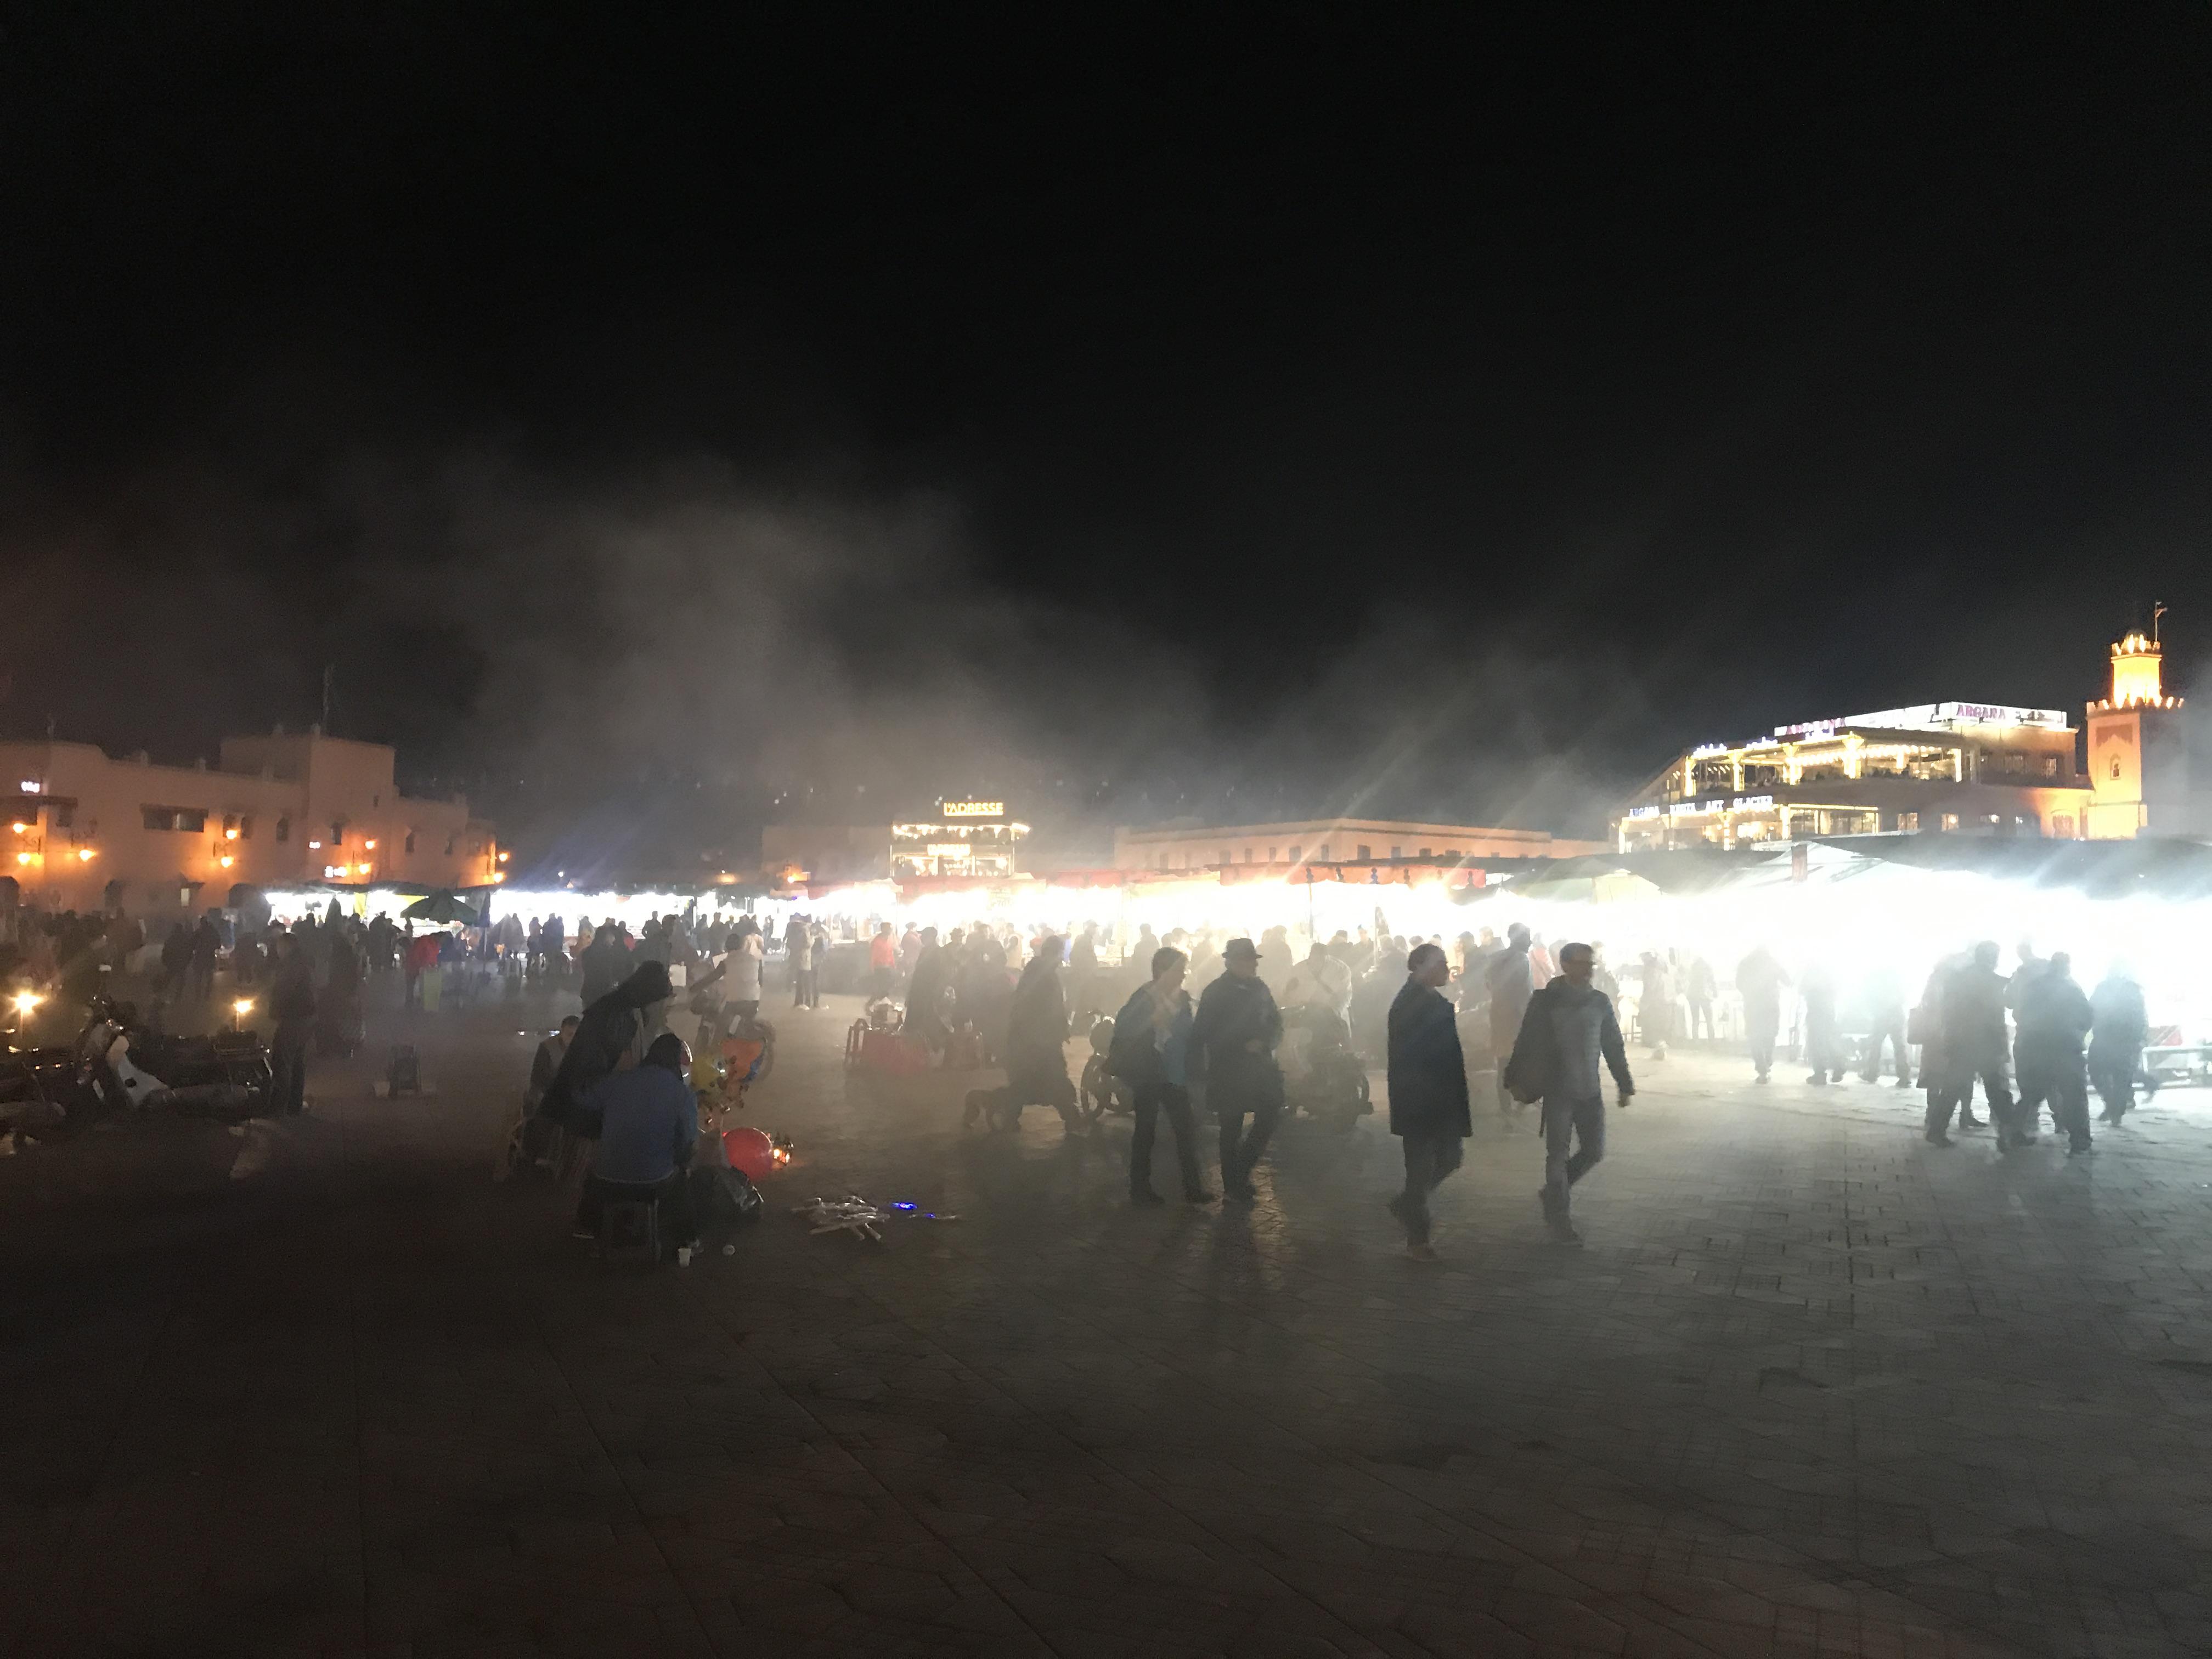 【モロッコ旅行】フナ広場のボッタクリに気をつけろ!!【マラケシュ】